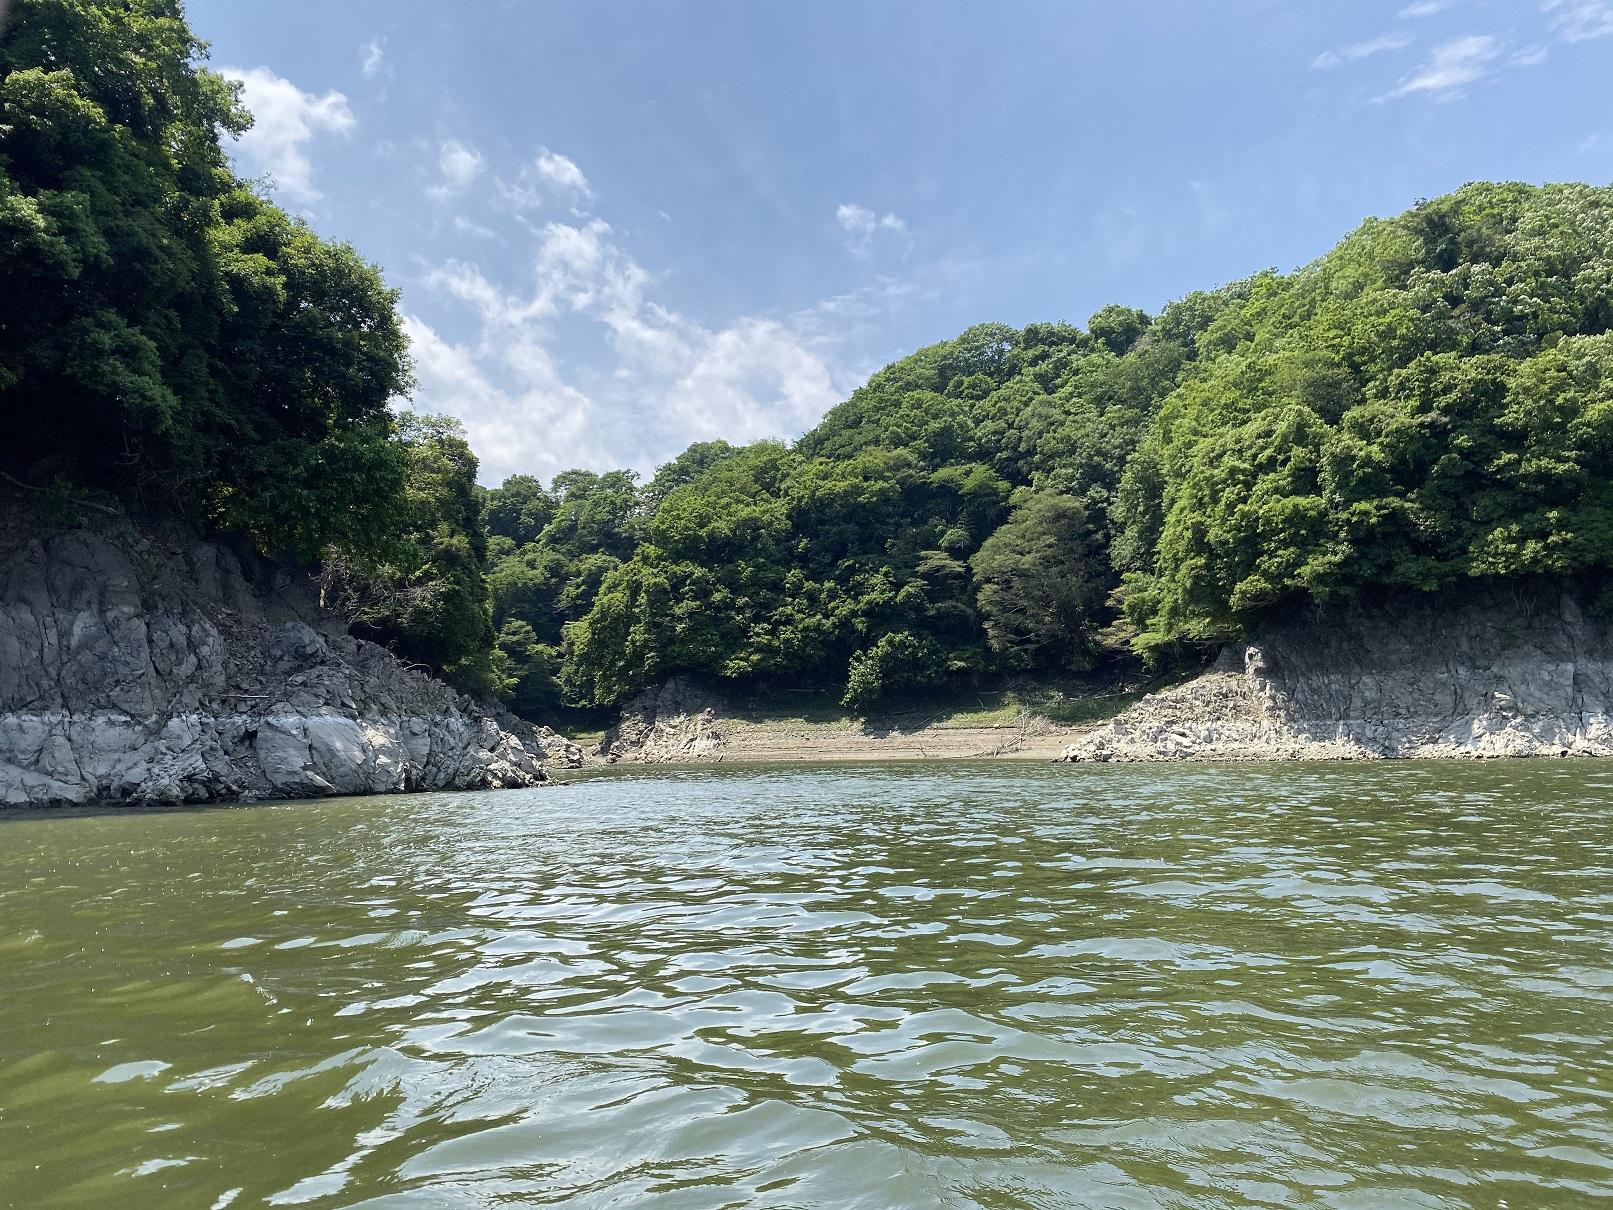 津久井湖 大沢ワンド全景